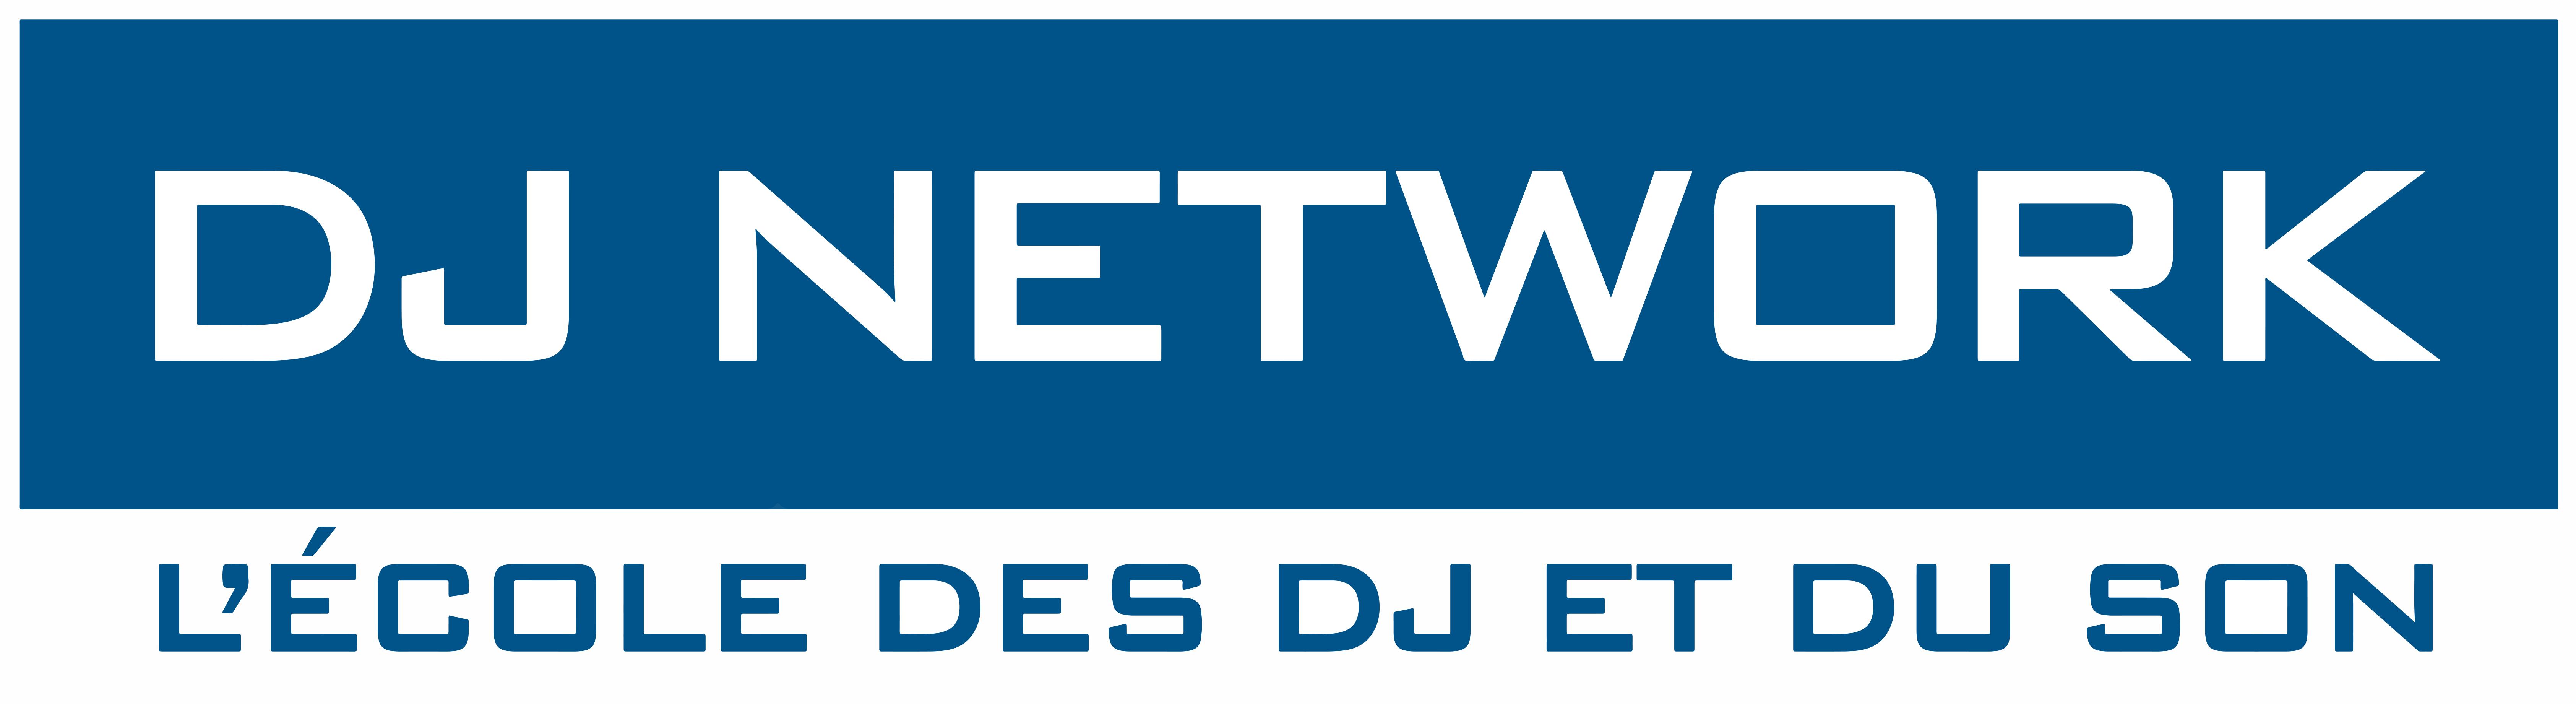 Dj network pr pare au titre officiel de dj producteur - Formation a distance diplomante reconnue par l etat ...